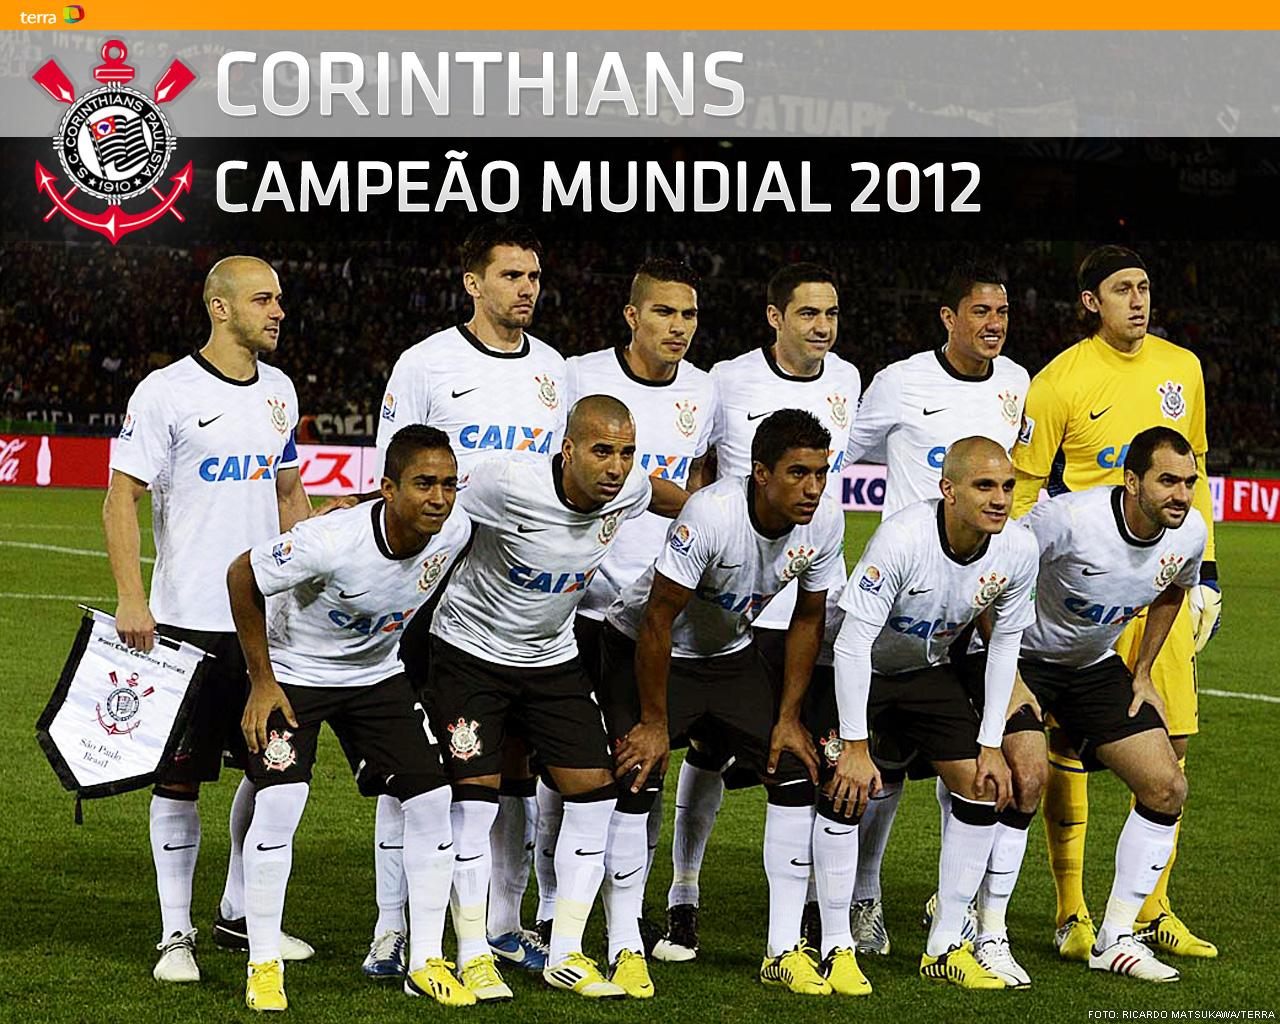 CORINTHIANS É BICAMPEÃO MUNDIAL DE CLUBES DA FIFA